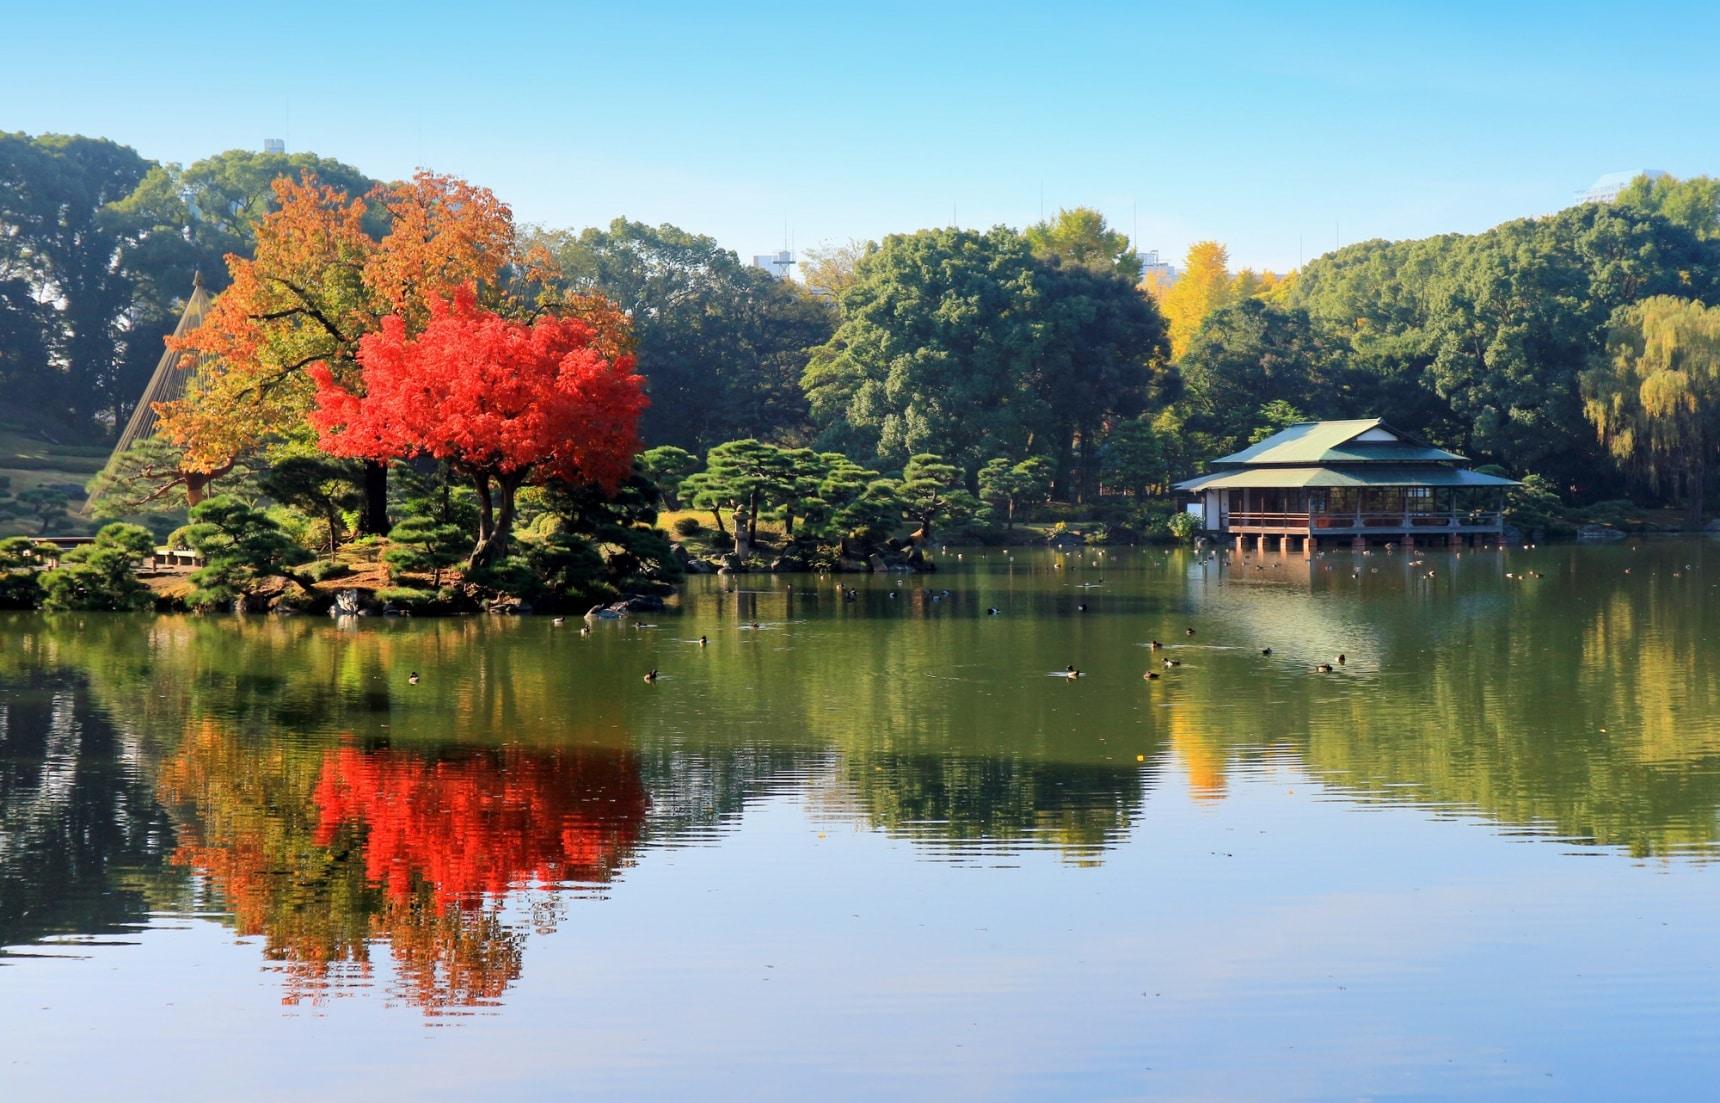 【東京自由行】享受被自然擁抱的靜謐東京旅行新提案